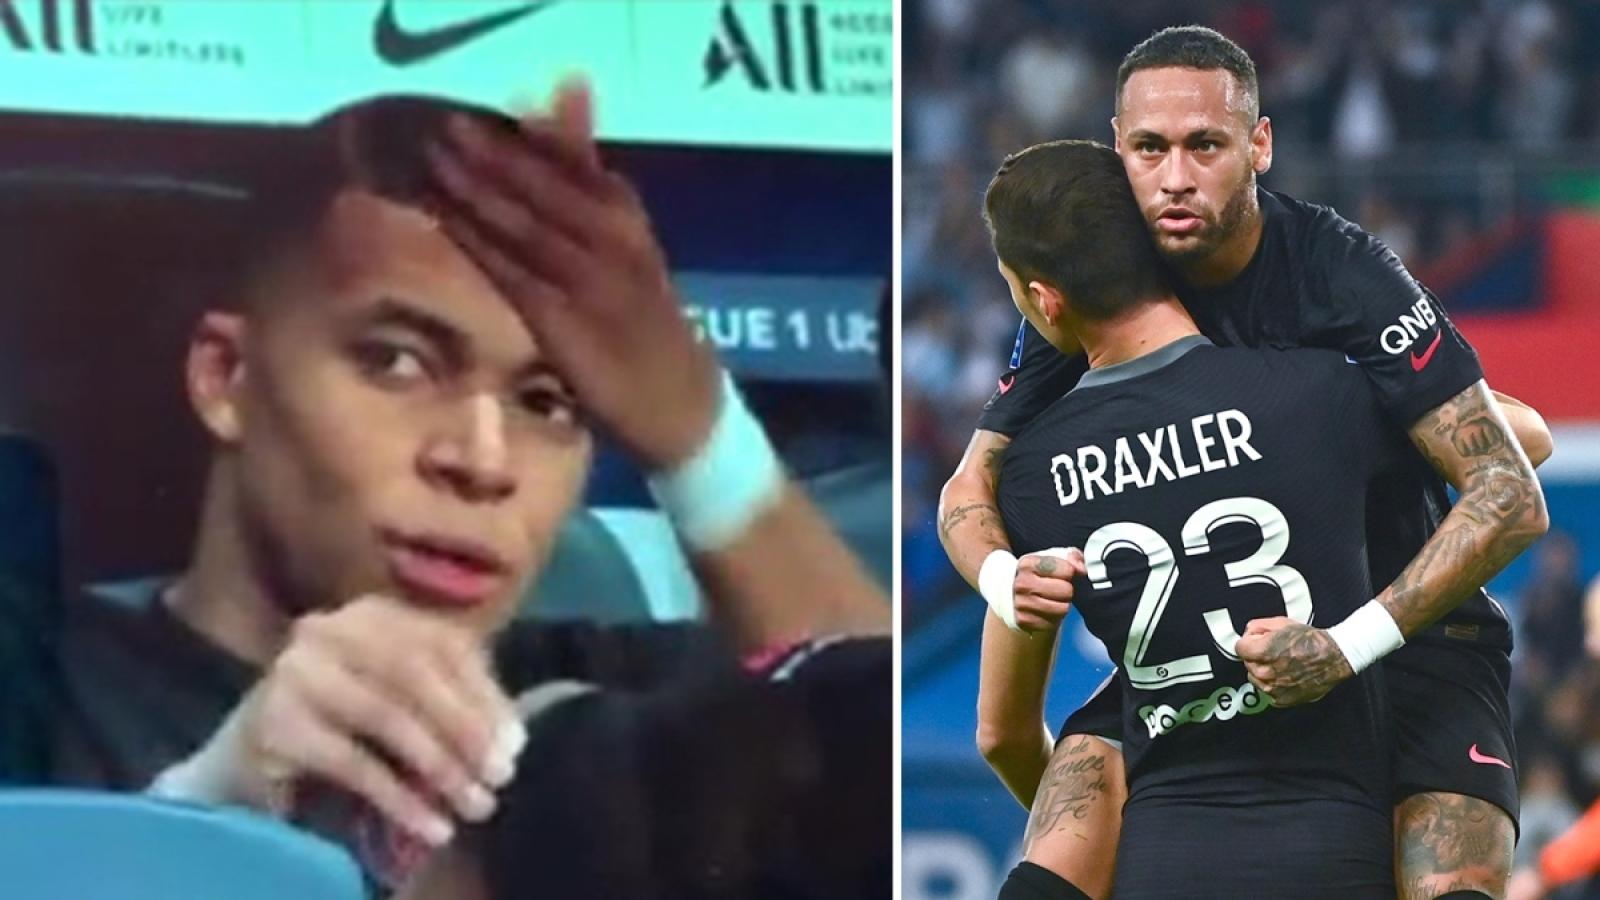 """PSG lục đục nội bộ, Mbappe """"tố"""" Neymar không chịu chuyền bóng"""